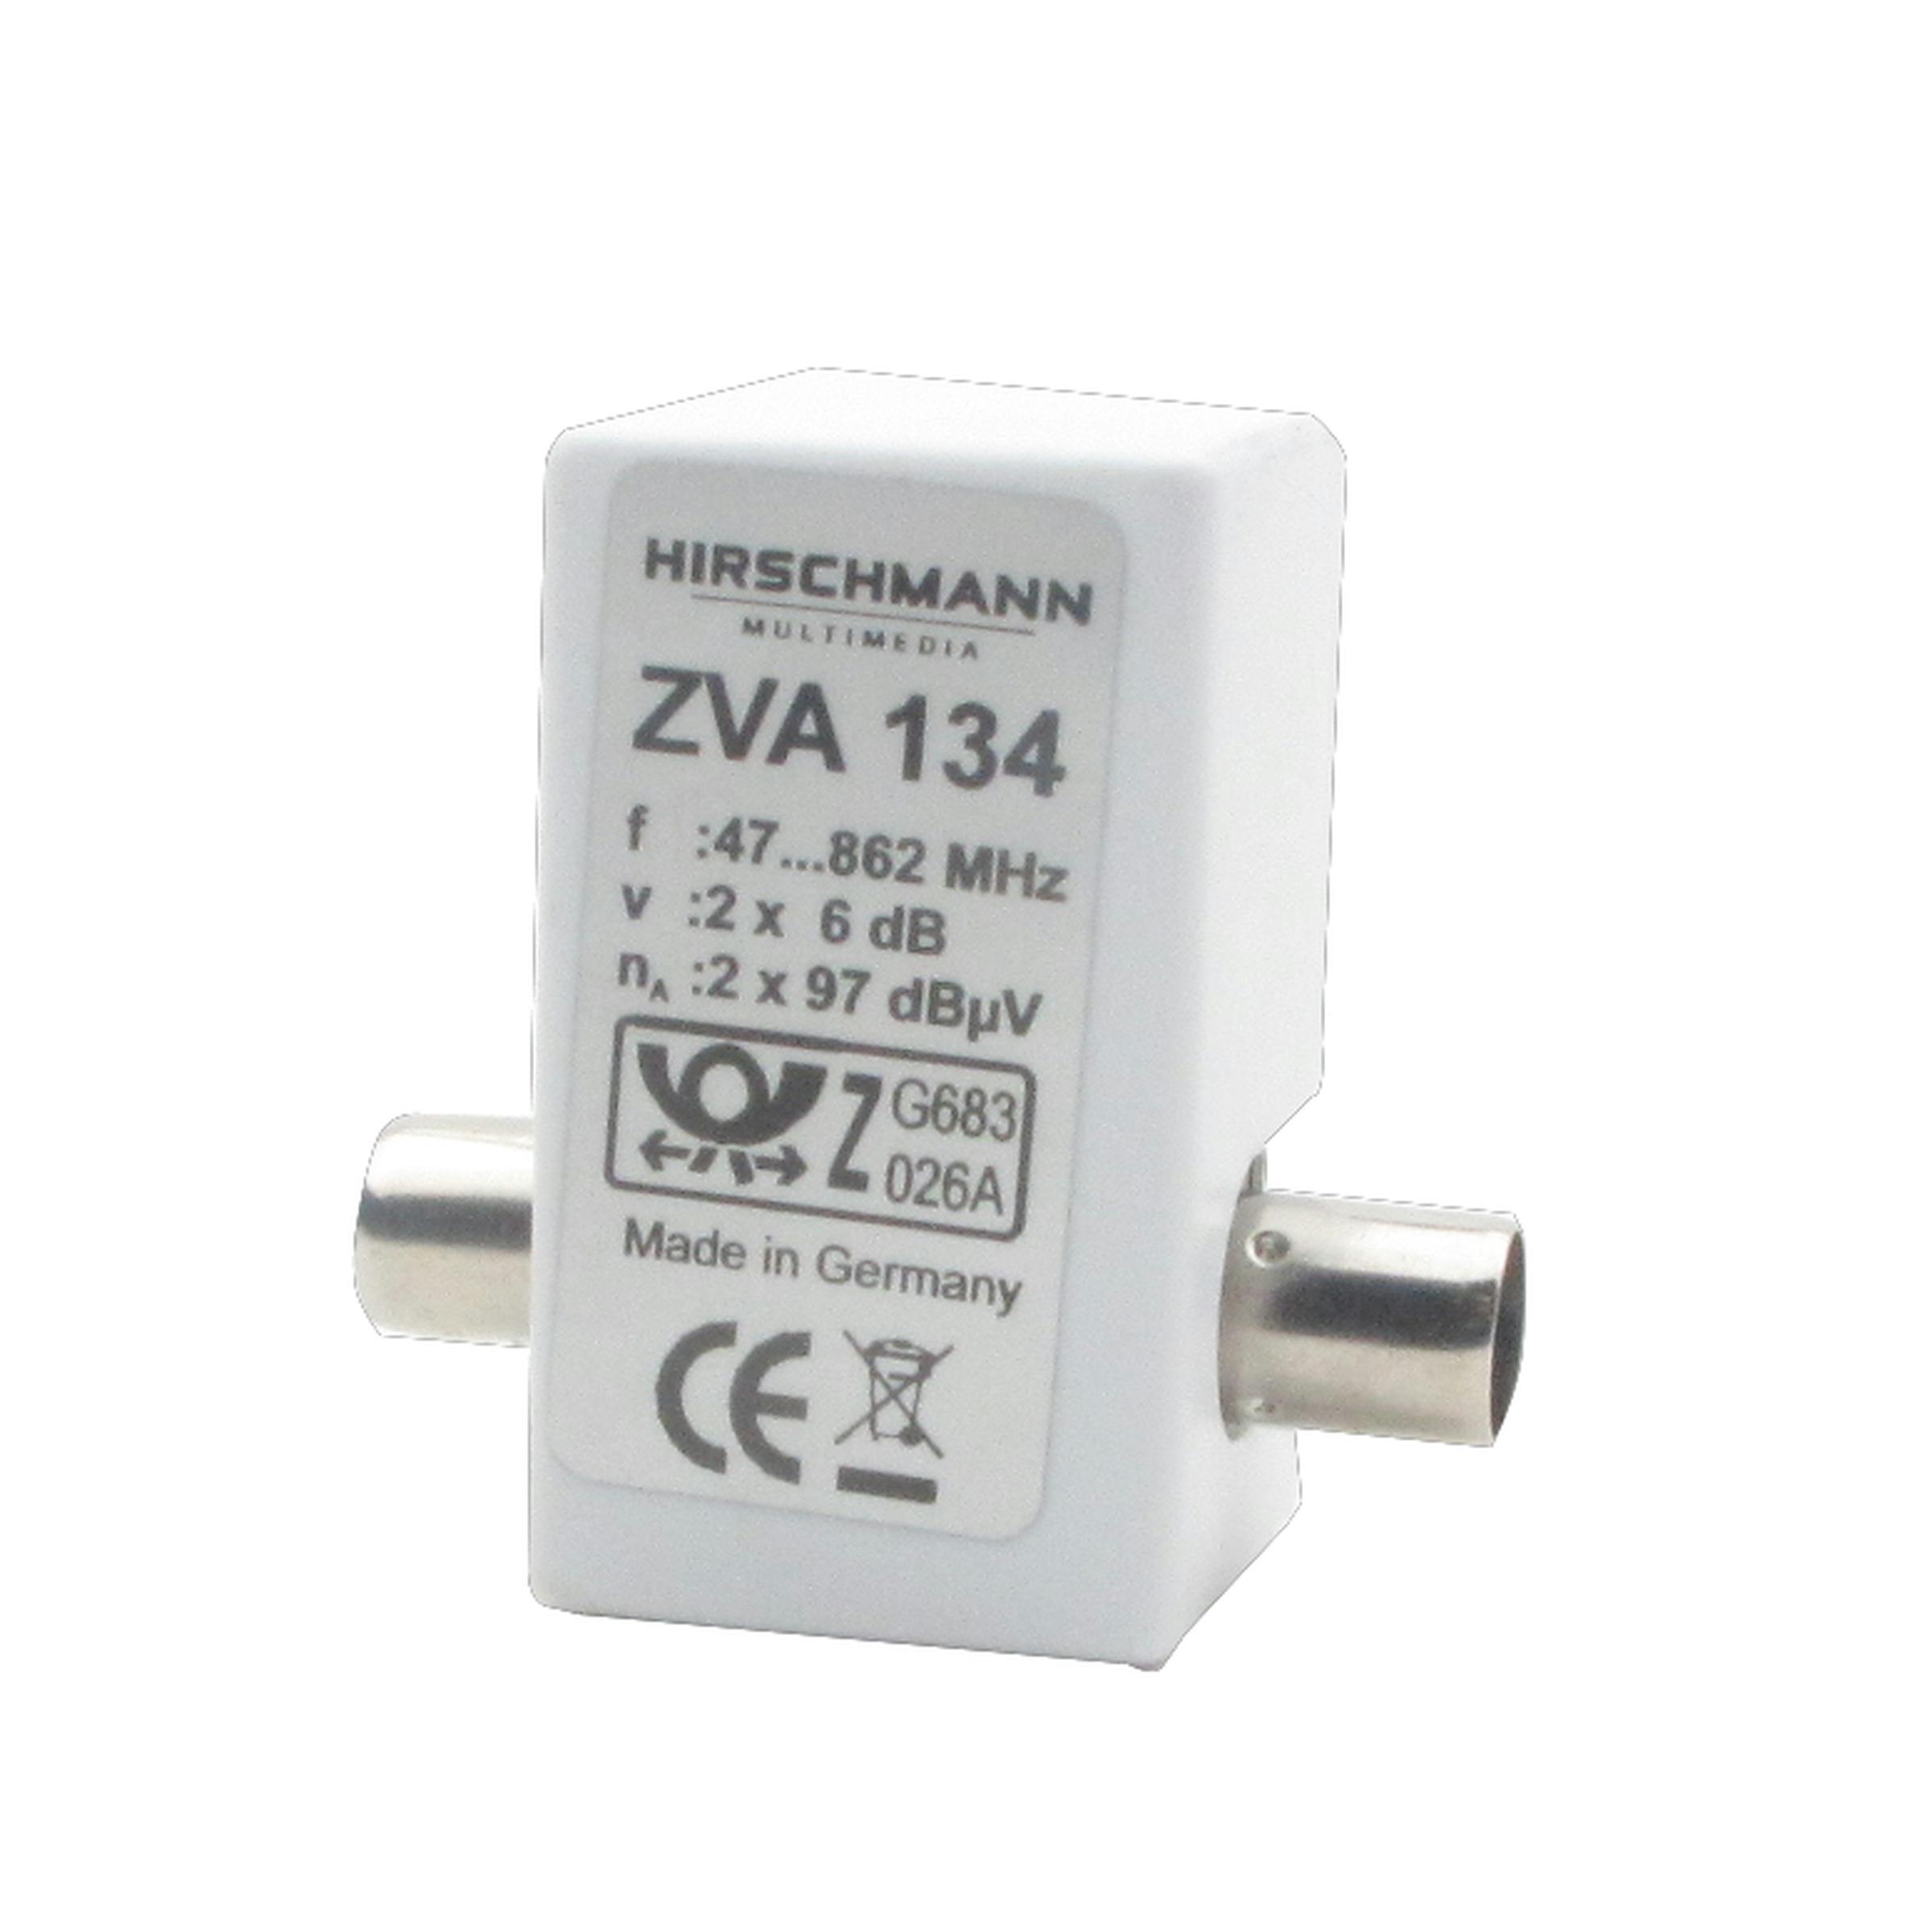 ZVA134